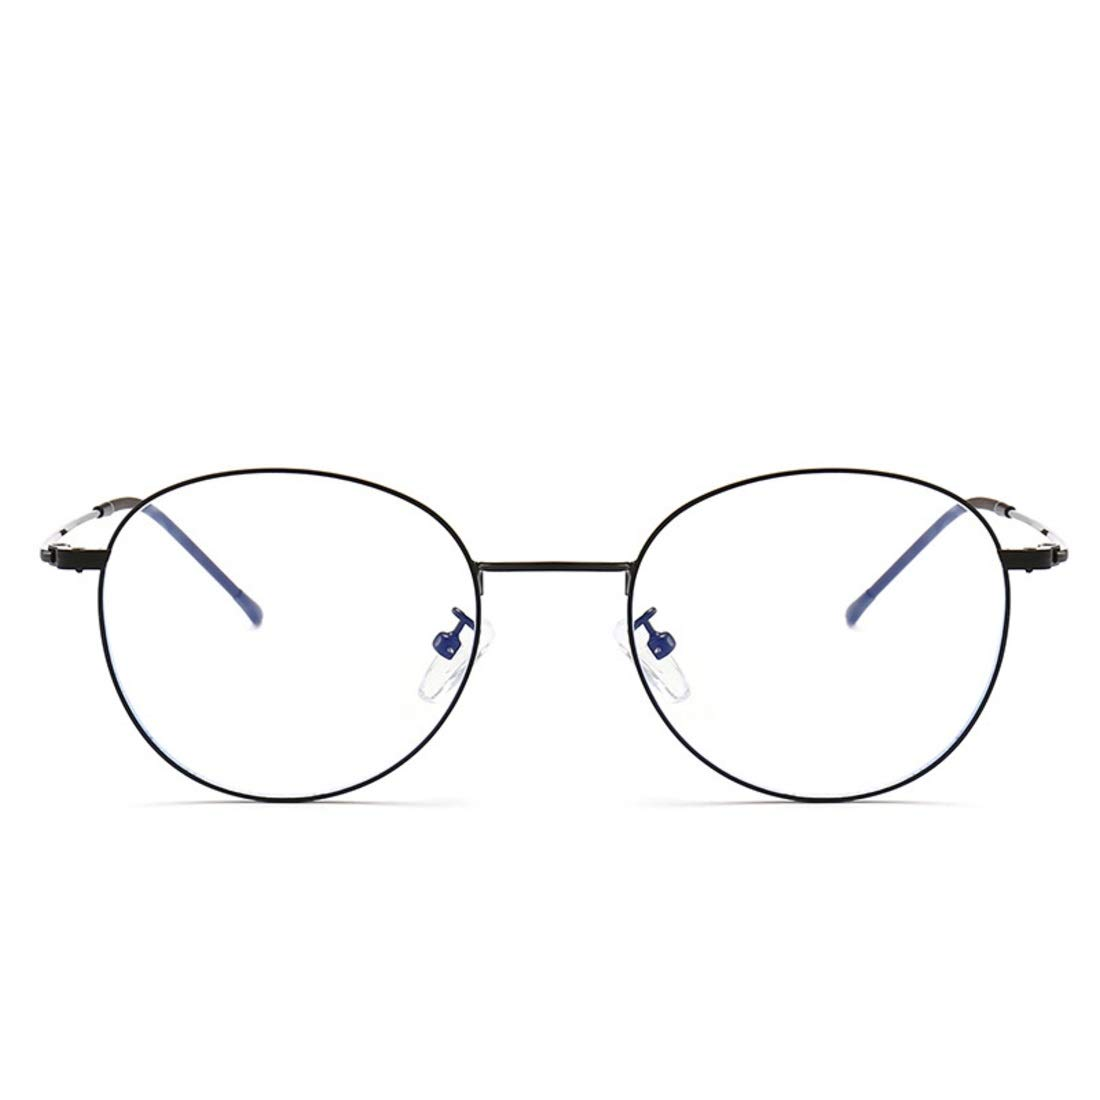 Ovesuxle Occhiali da Vista tondi in Metallo Anti-Blu Occhiali da Vista per Donna Uomo Color : Gold